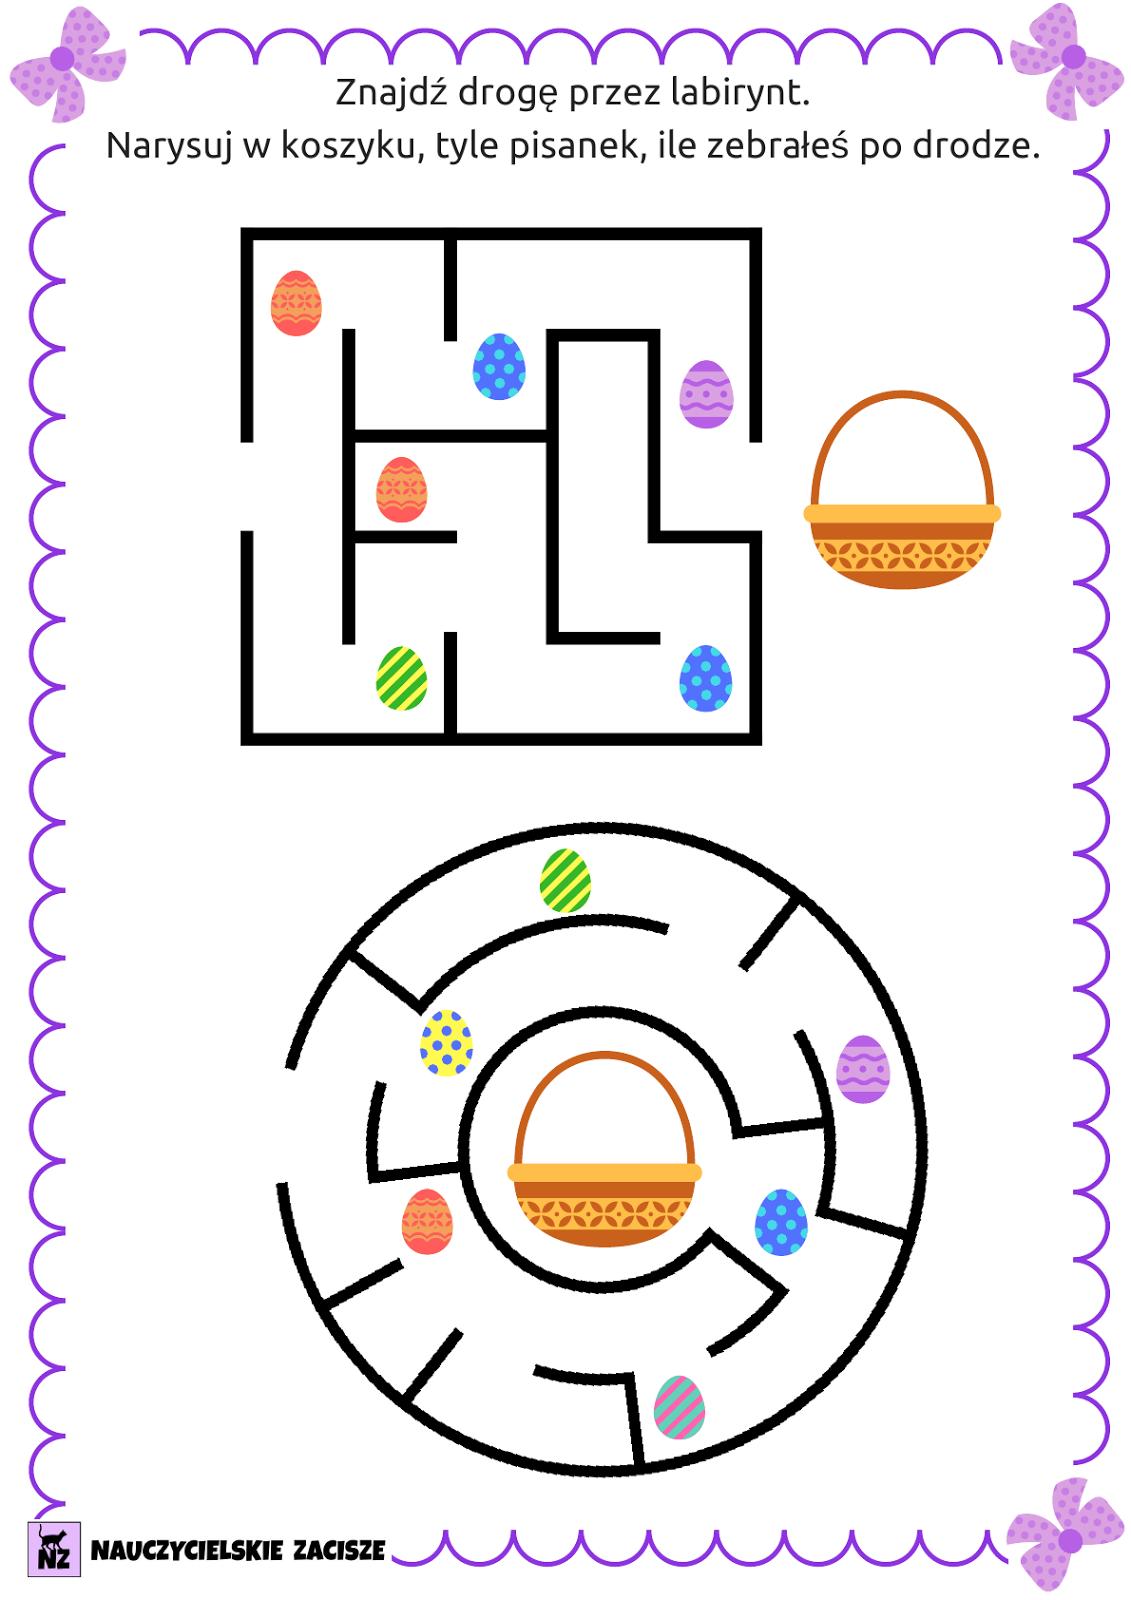 Nauczycielskie zacisze: Wielkanocne pomoce cz.2 - labirynty, wykreślanka,  zaszyfrowane wyrazy